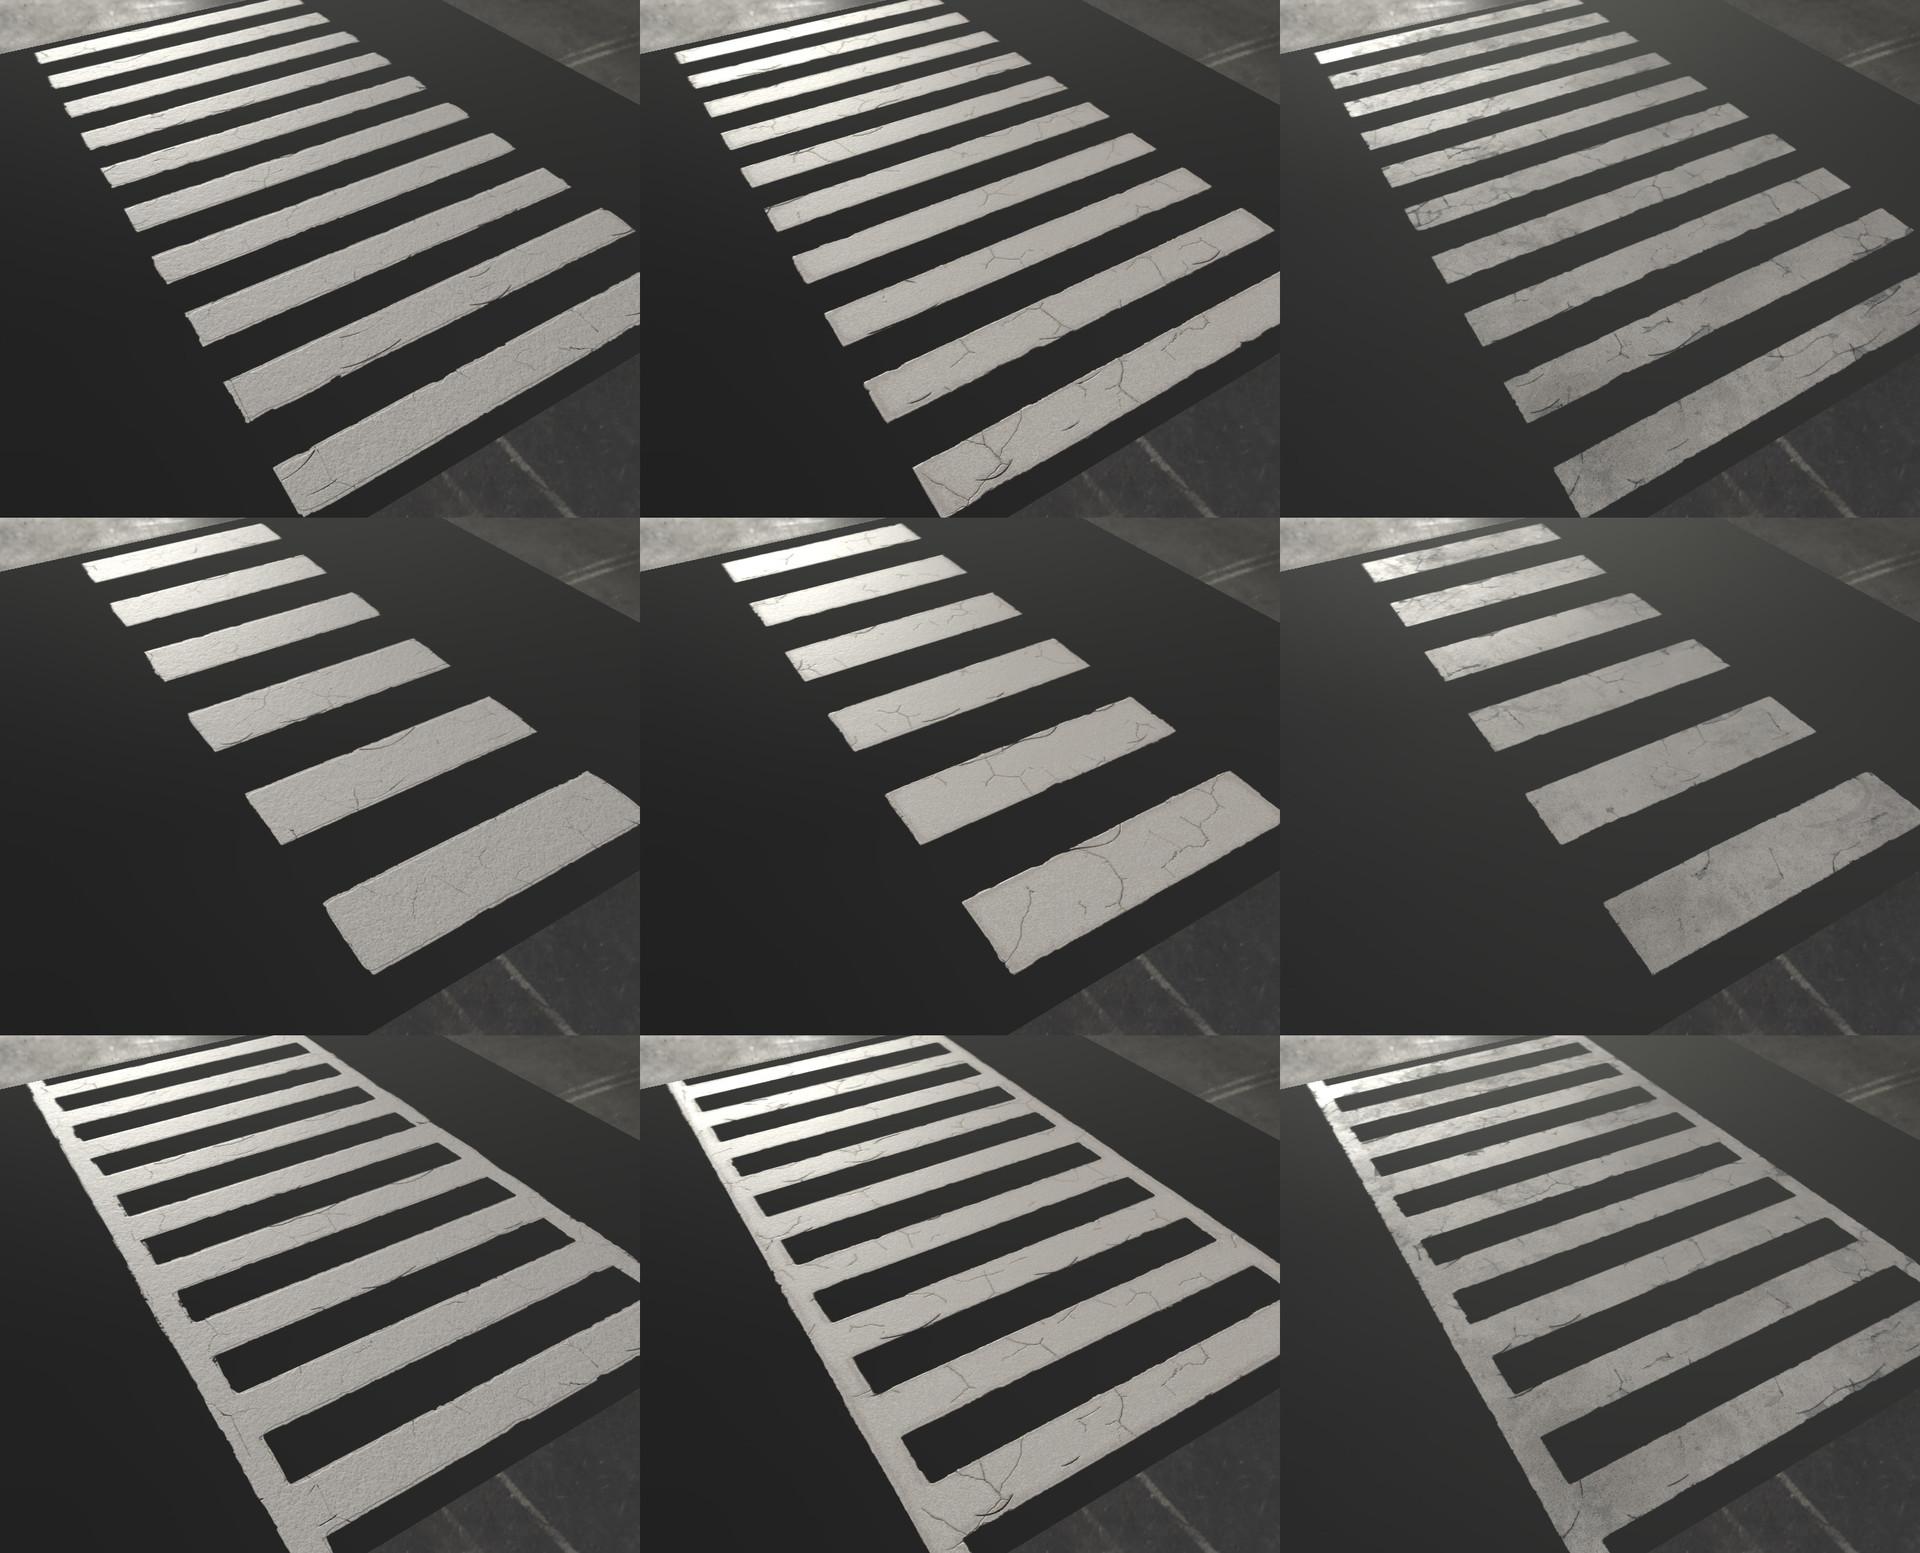 Guilherme henrique zebras